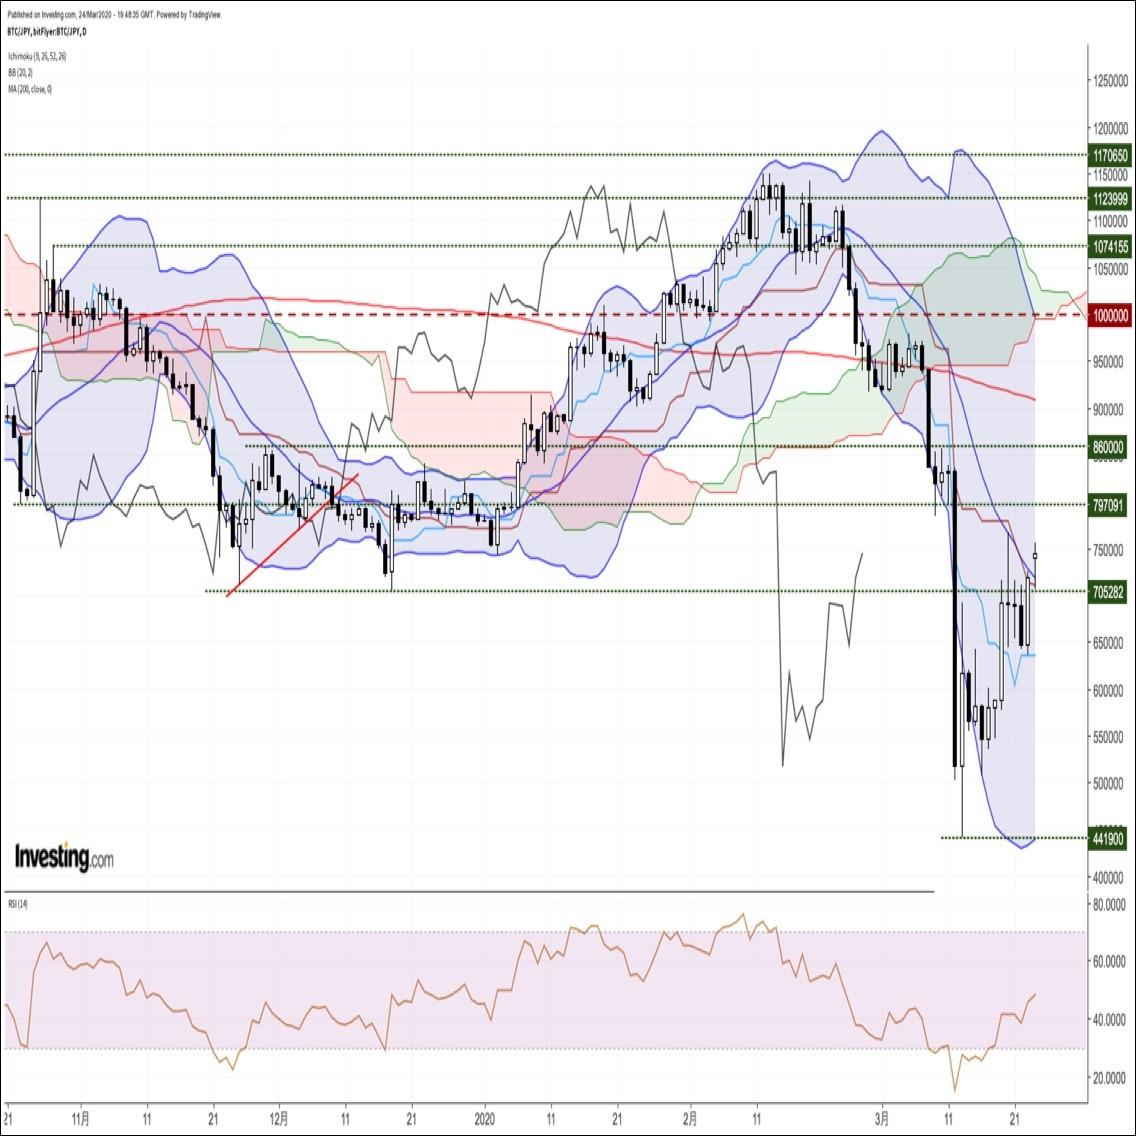 ビットコイン円、米大型経済対策期待を背景とした投資家心理の改善を受けて続伸(3/25朝)